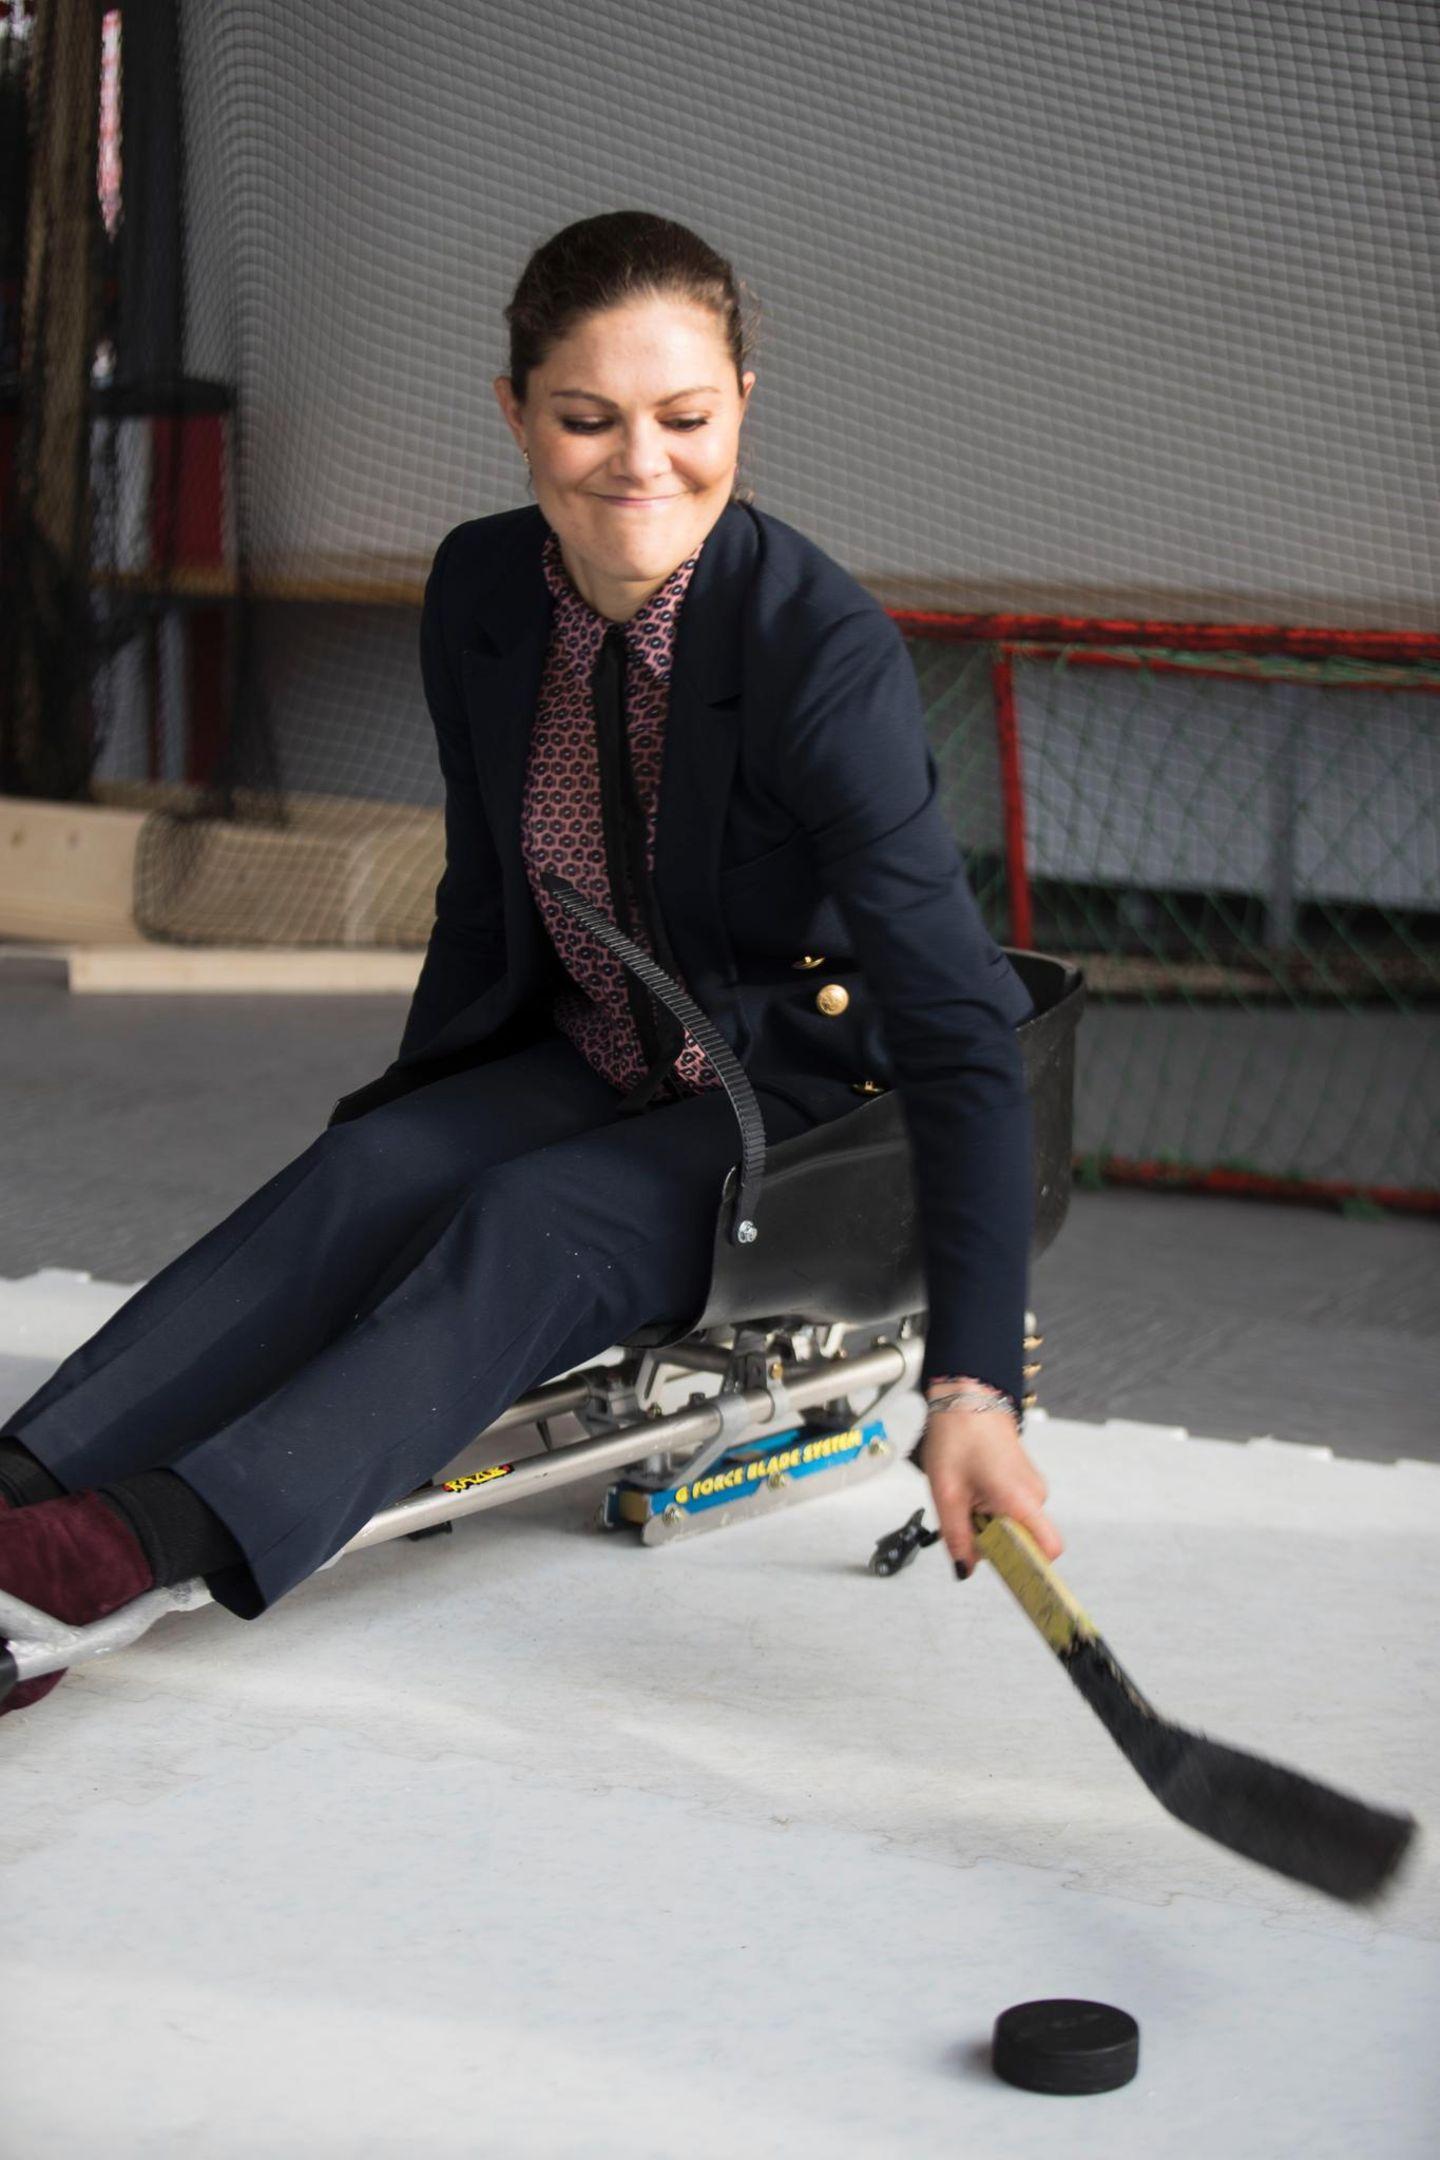 13. Oktober 2017  Prinzessin Victoria von Schweden besucht das Zentrum für Wintersport in der Mittuniversität in Östersund und probiert dort selbst einmal aus, wie die Athleten des paralympischen Teams, das sie später beim Eishockey anfeuern wird, trainieren.